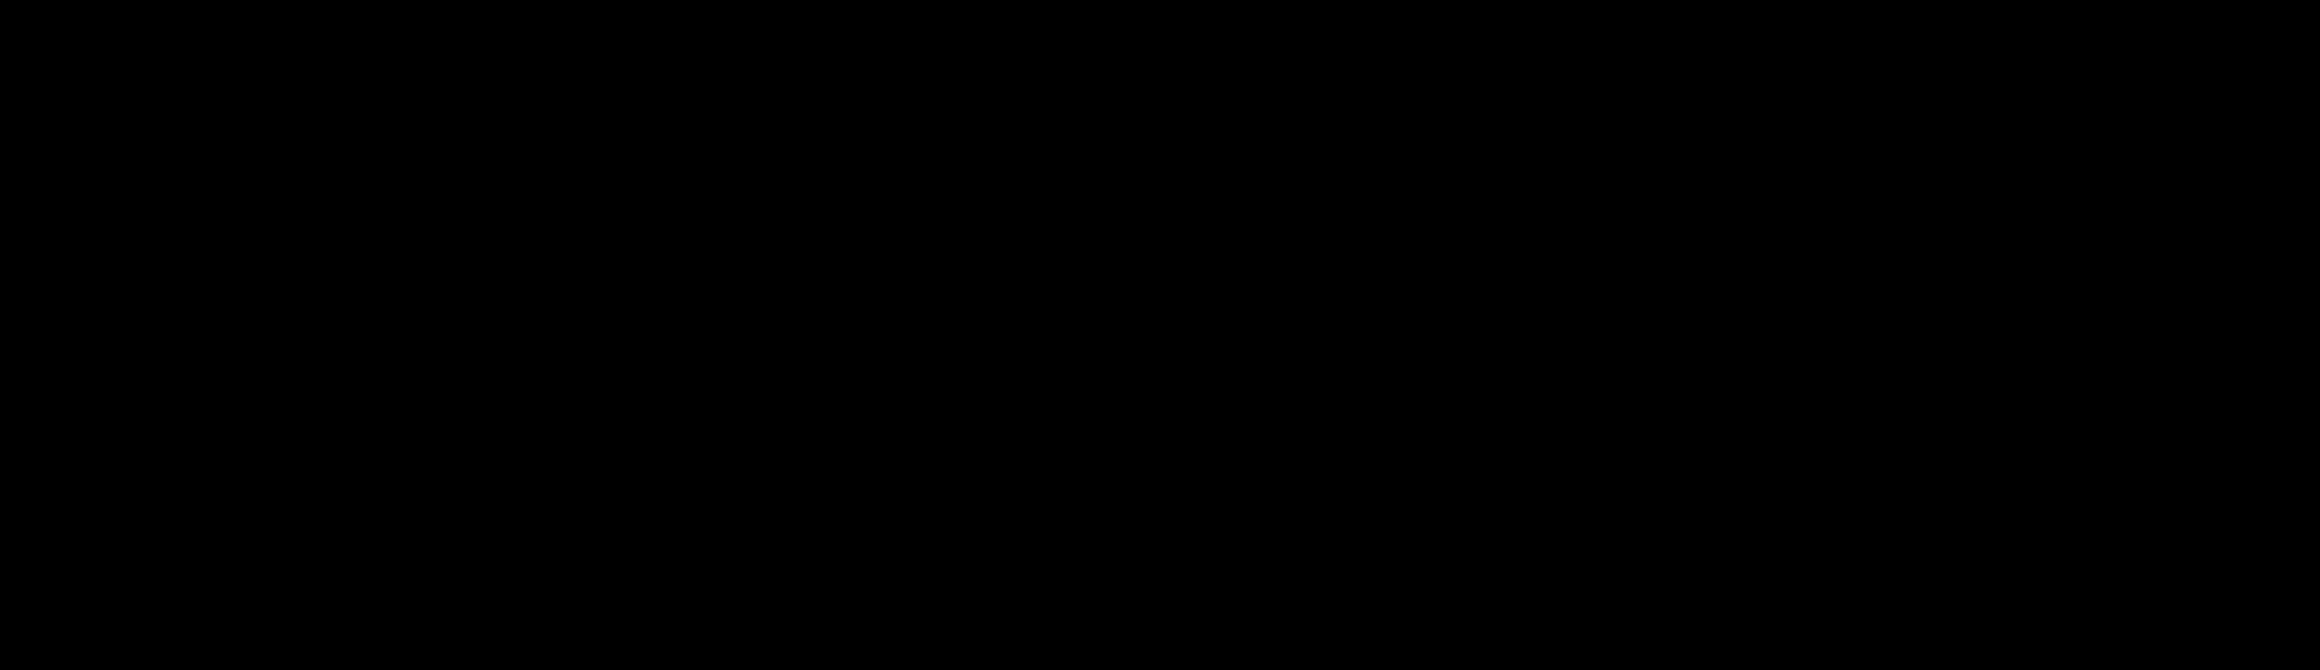 N-((1-Benzyl-d<sub>5</sub>-piperidin-4-yl)methyl)-4-hydroxy-6,7-dimethoxy-2-oxo-1,2-dihydroquinoline-3-carboxamide